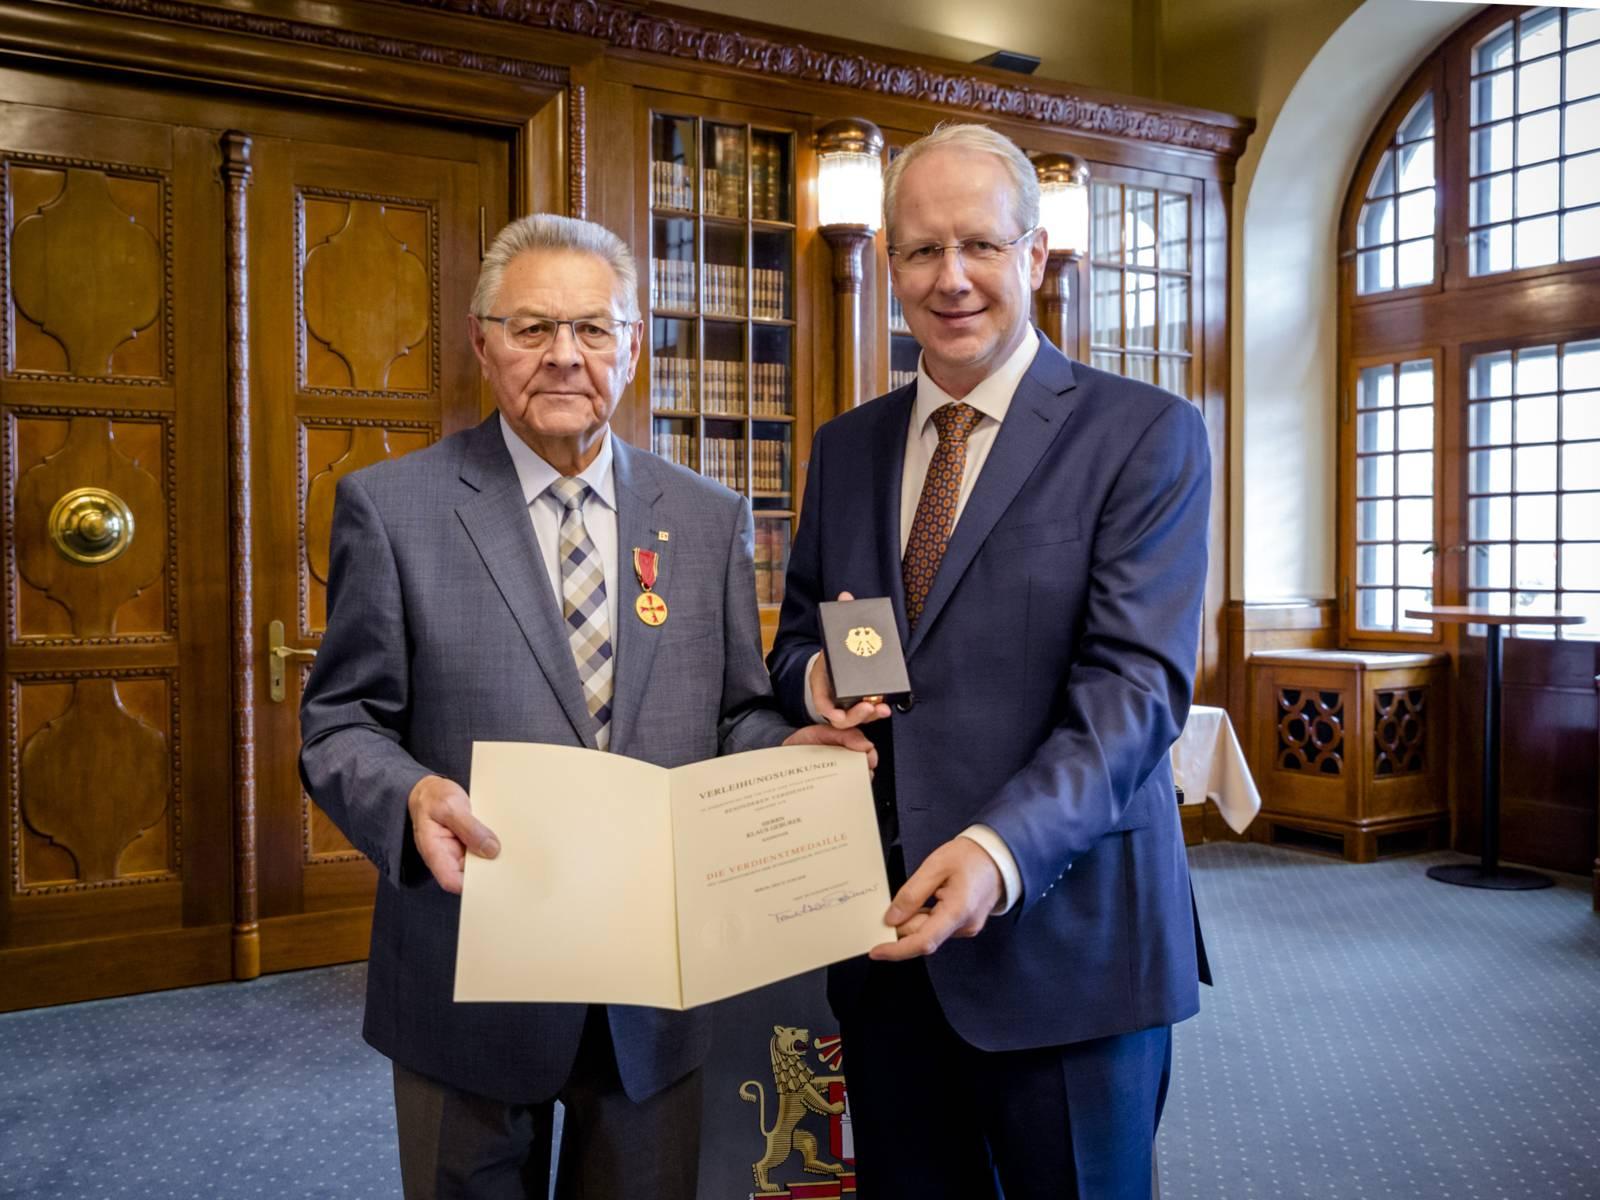 Verdienstmedaille an Klaus Geburek verliehen